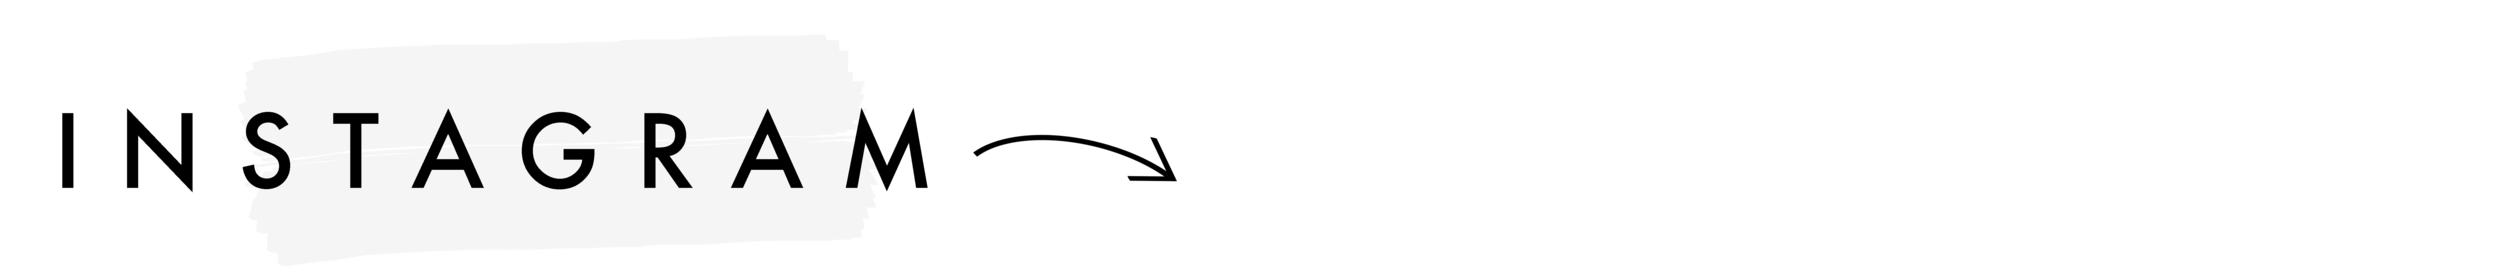 1INSTAGRAM4.png